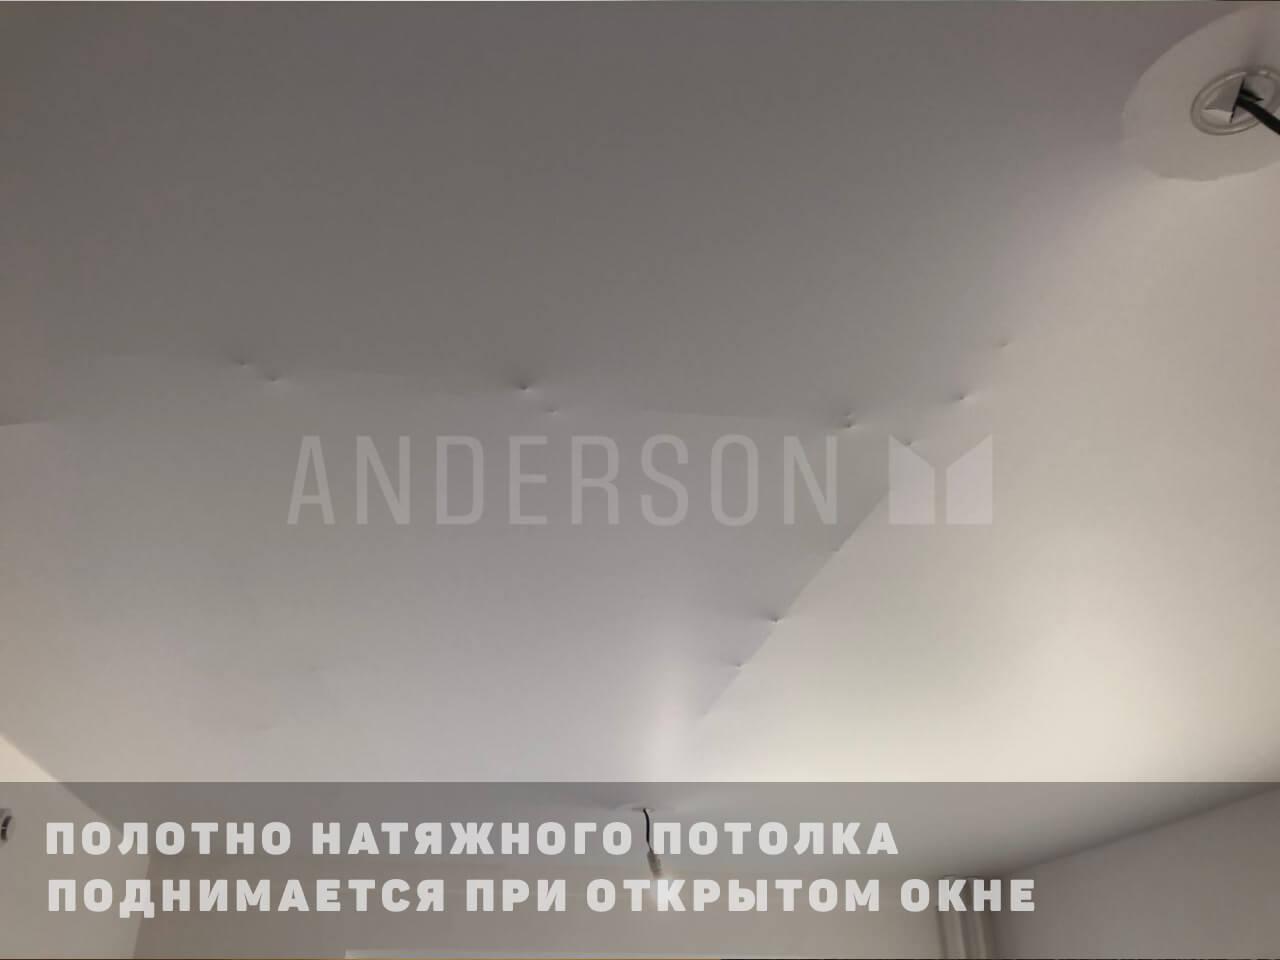 Натяжной потолок поднимается при открытой створке окна